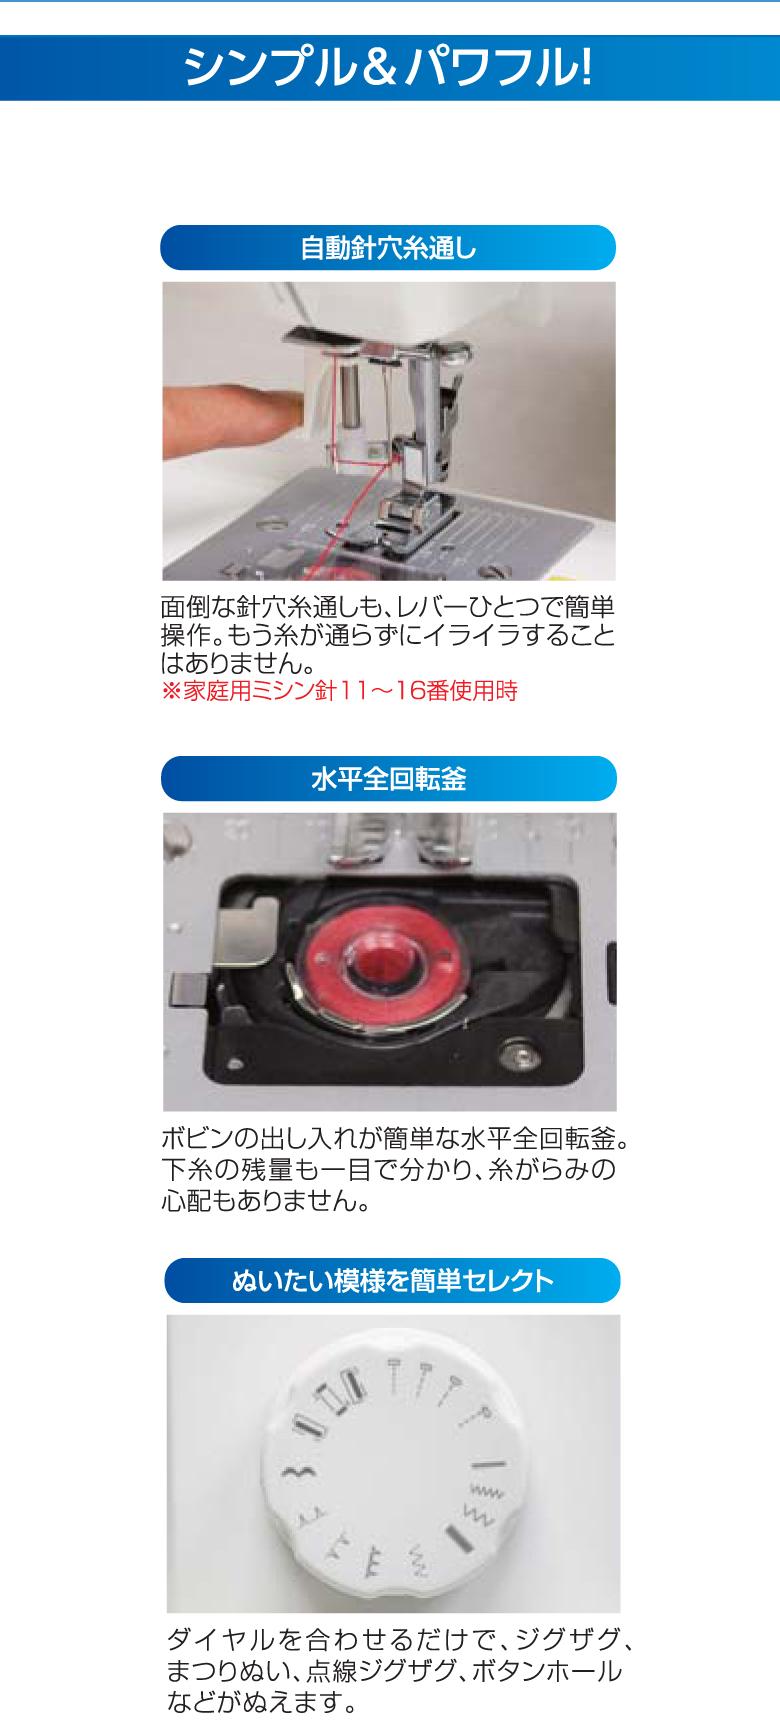 シンガー ミシン 初心者 電動ミシン SN55e 本体